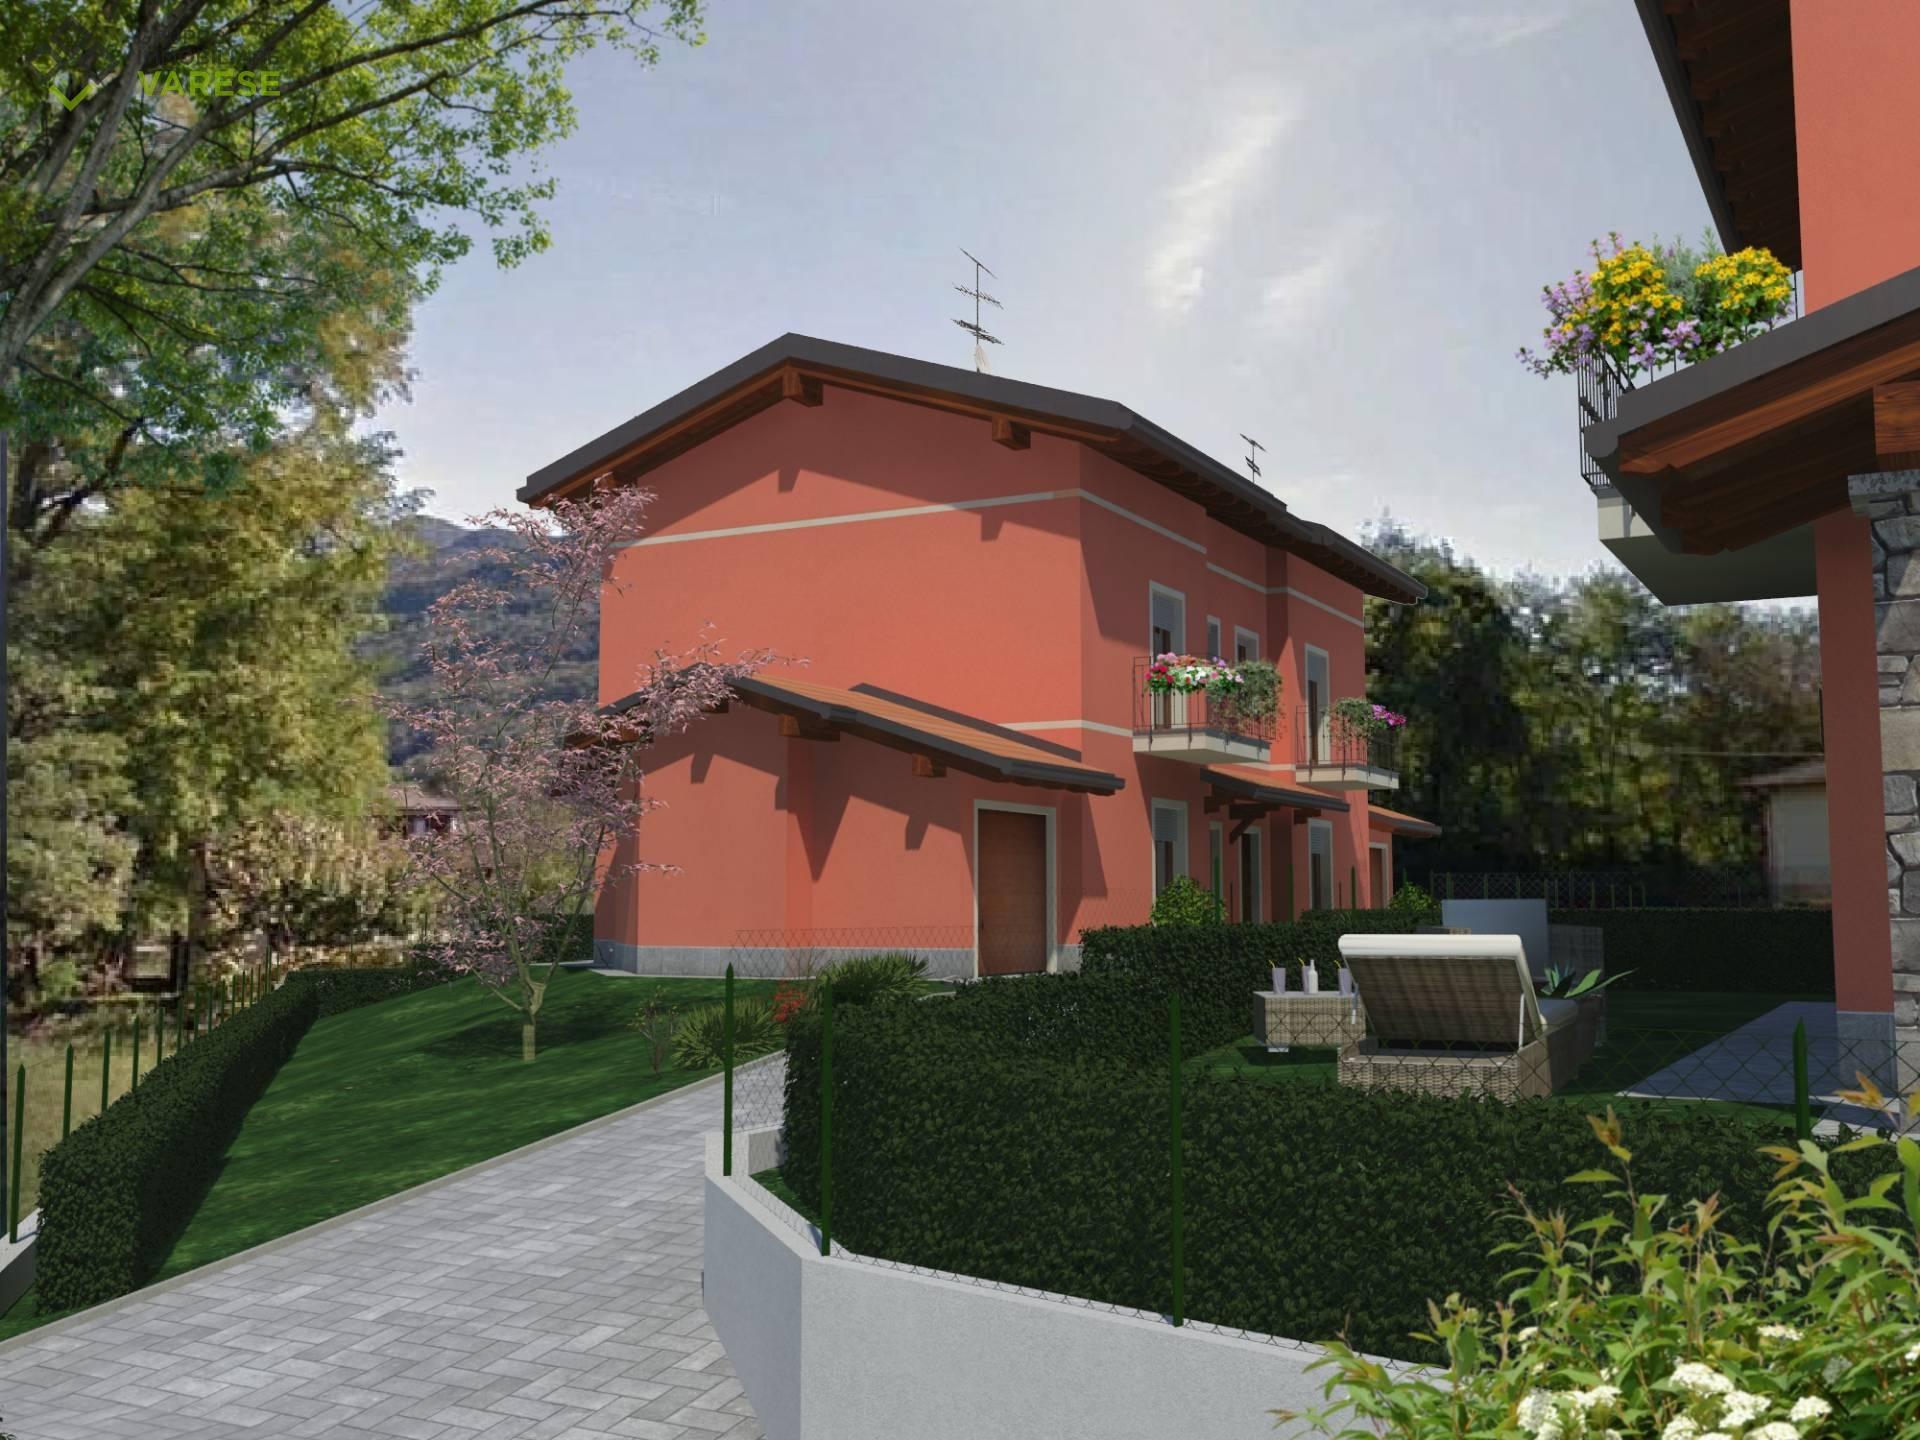 Villa in vendita a Porto Ceresio, 4 locali, prezzo € 305.000 | CambioCasa.it